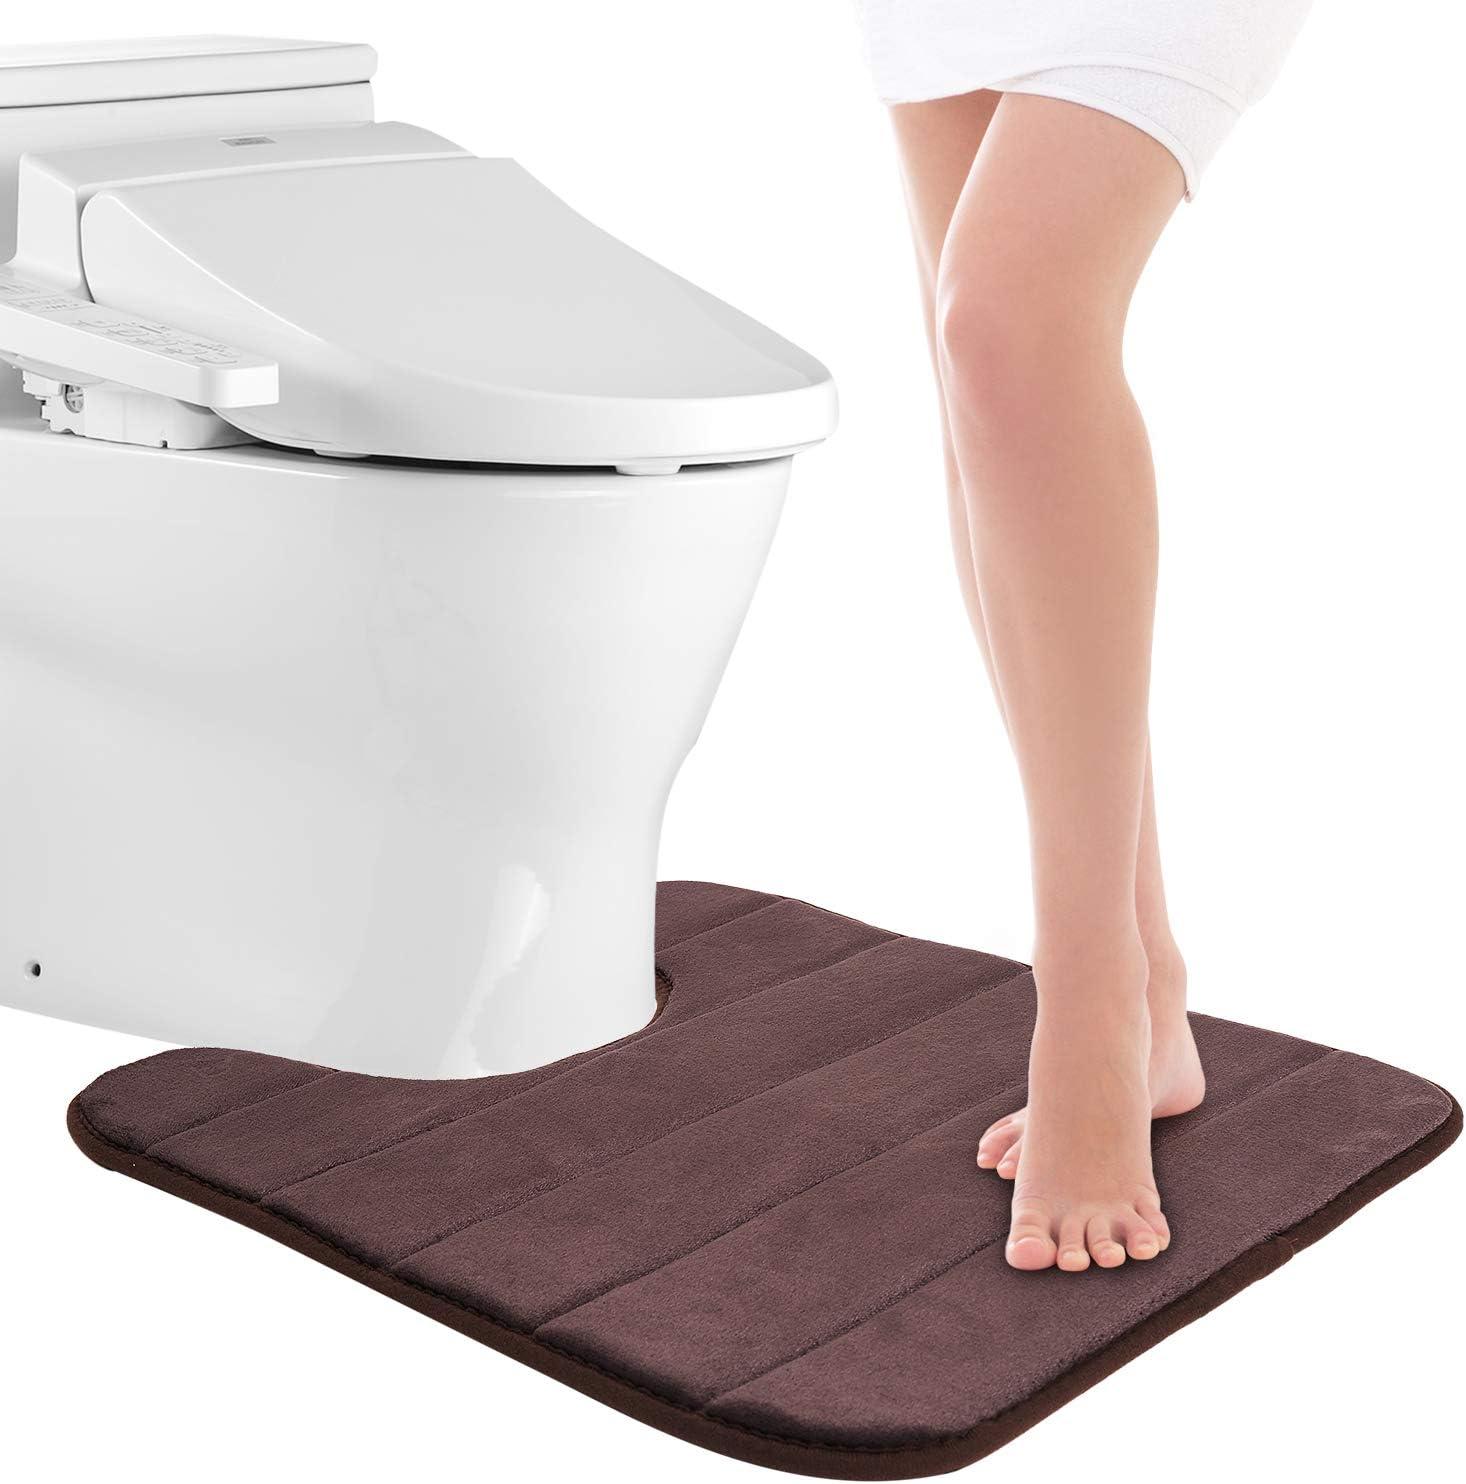 Pretigo Memory Foam Toilet Bath Mat U-Shaped, Ultra Soft Non Slip and Absorbent Bath Rug for Bathroom Commode Contour Rug (20